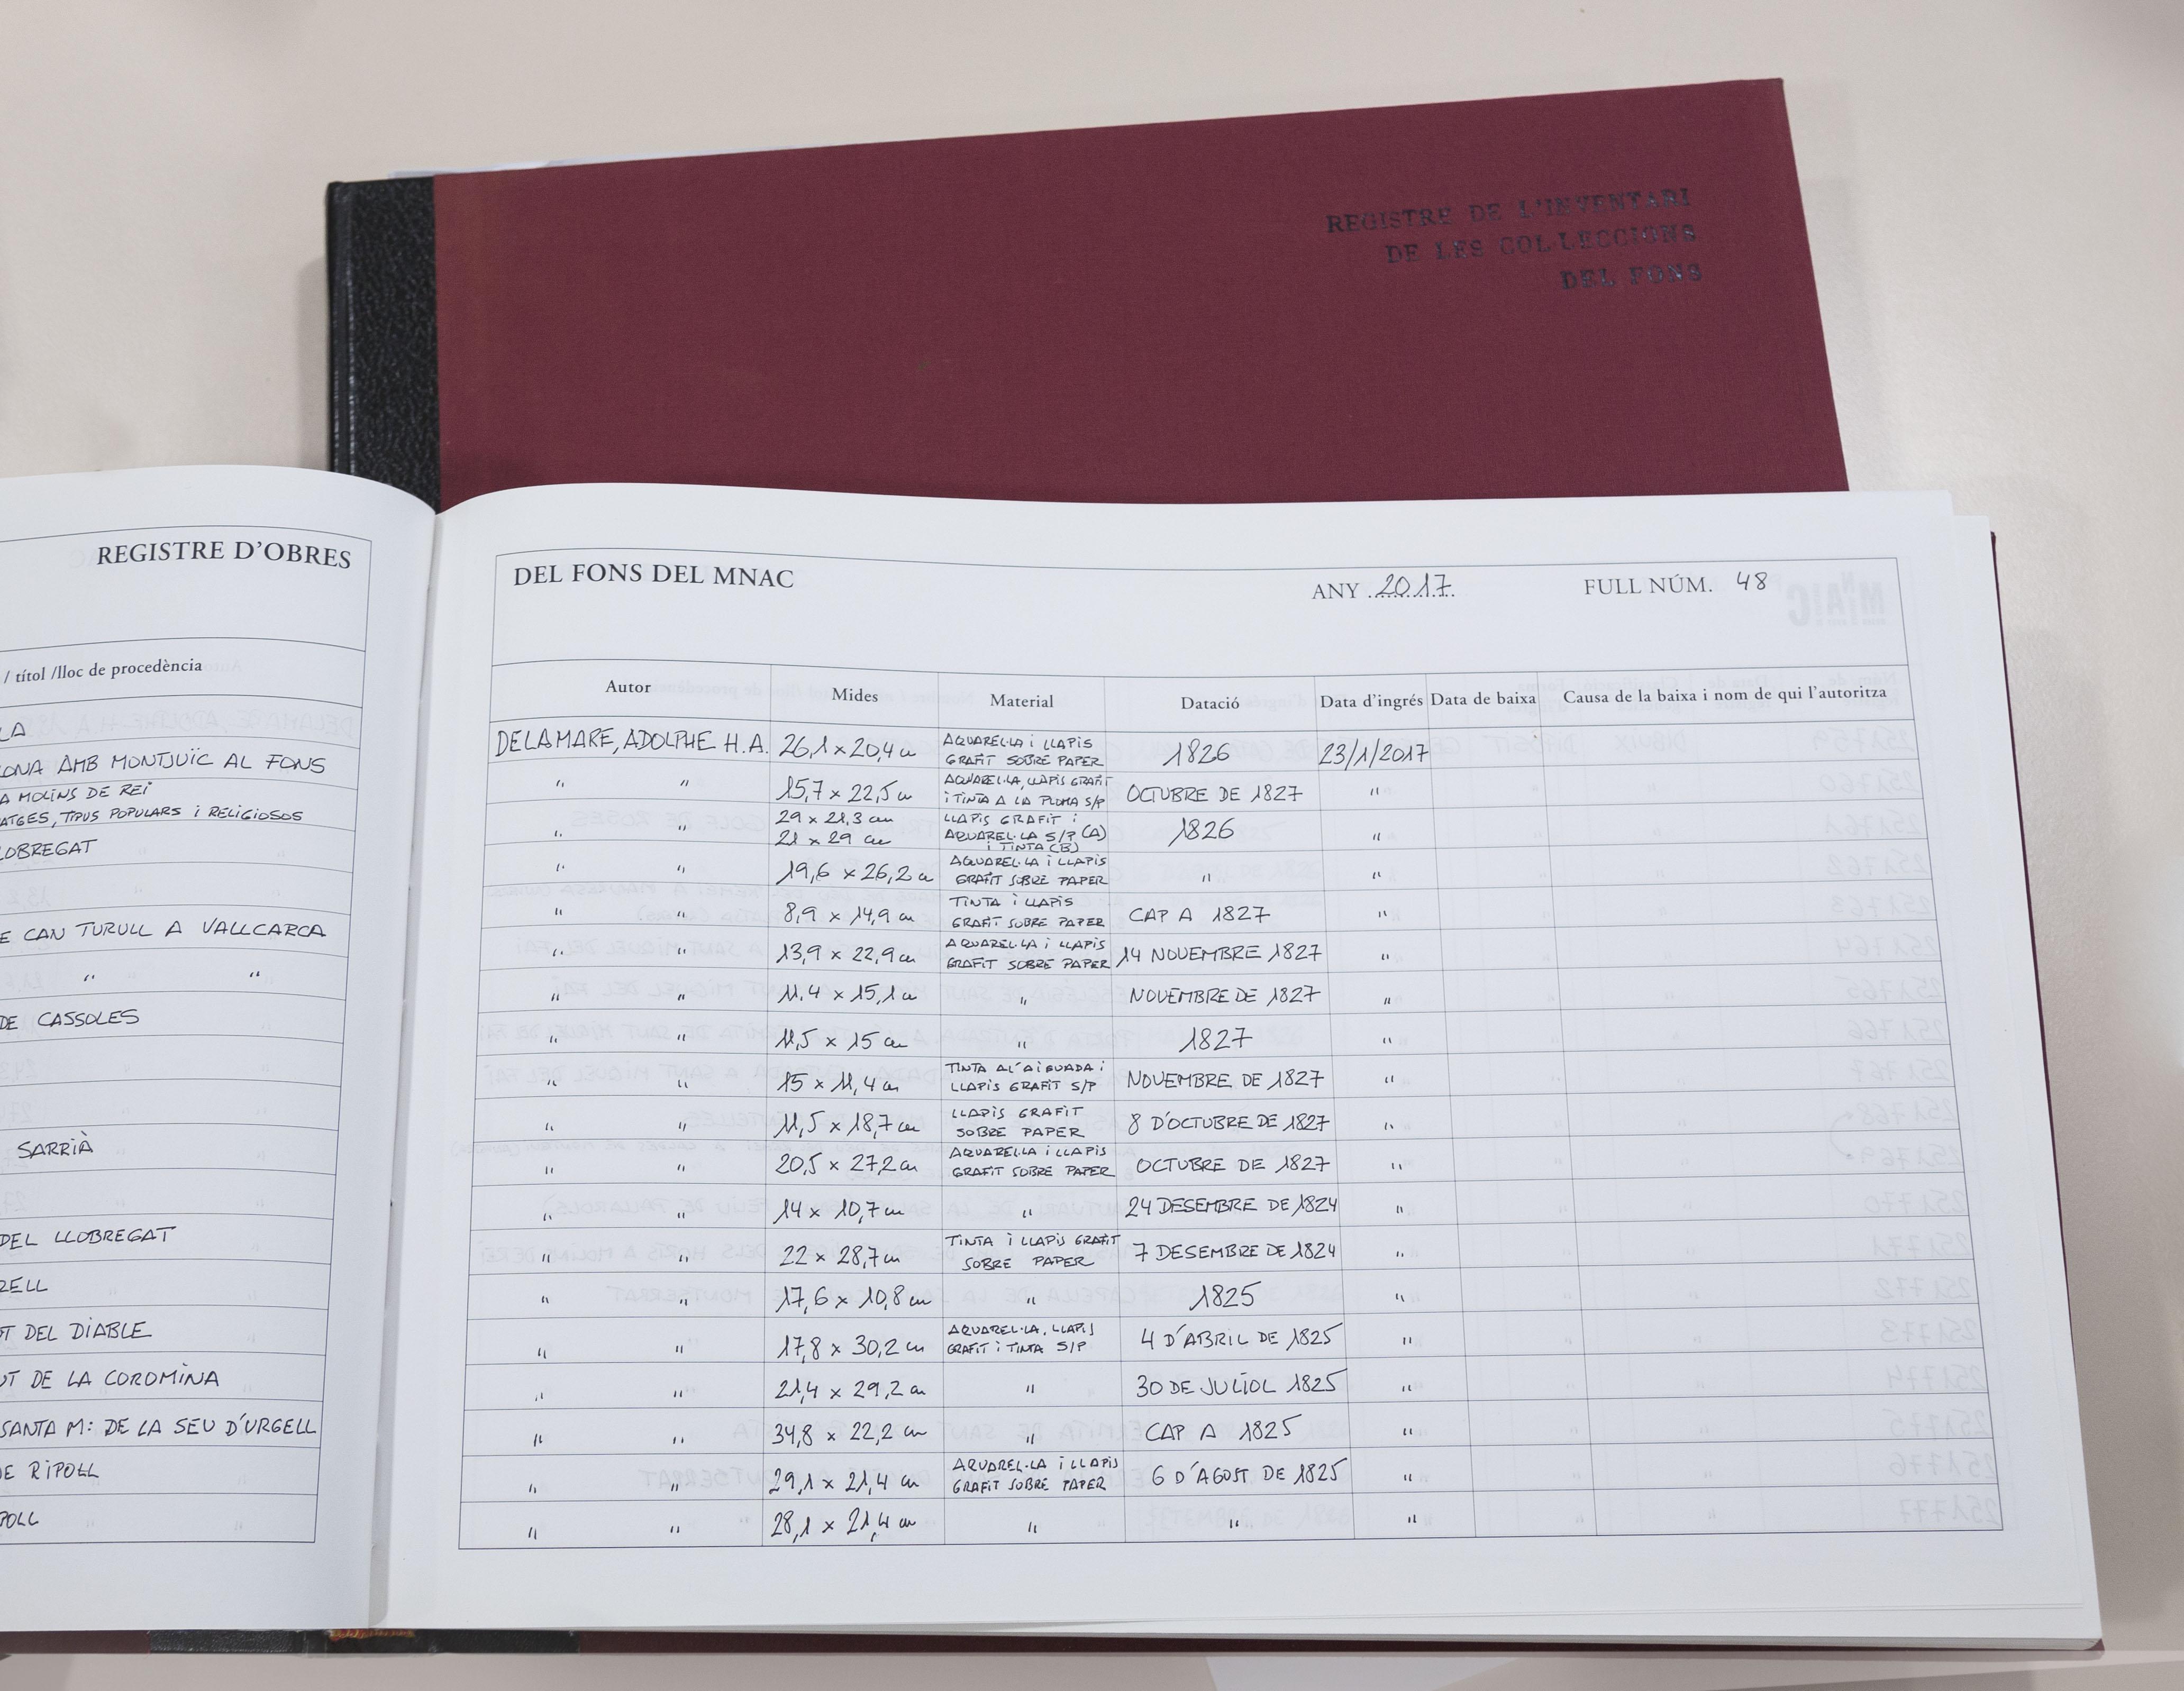 Un dels actuals llibres de Registre del Museu Nacional